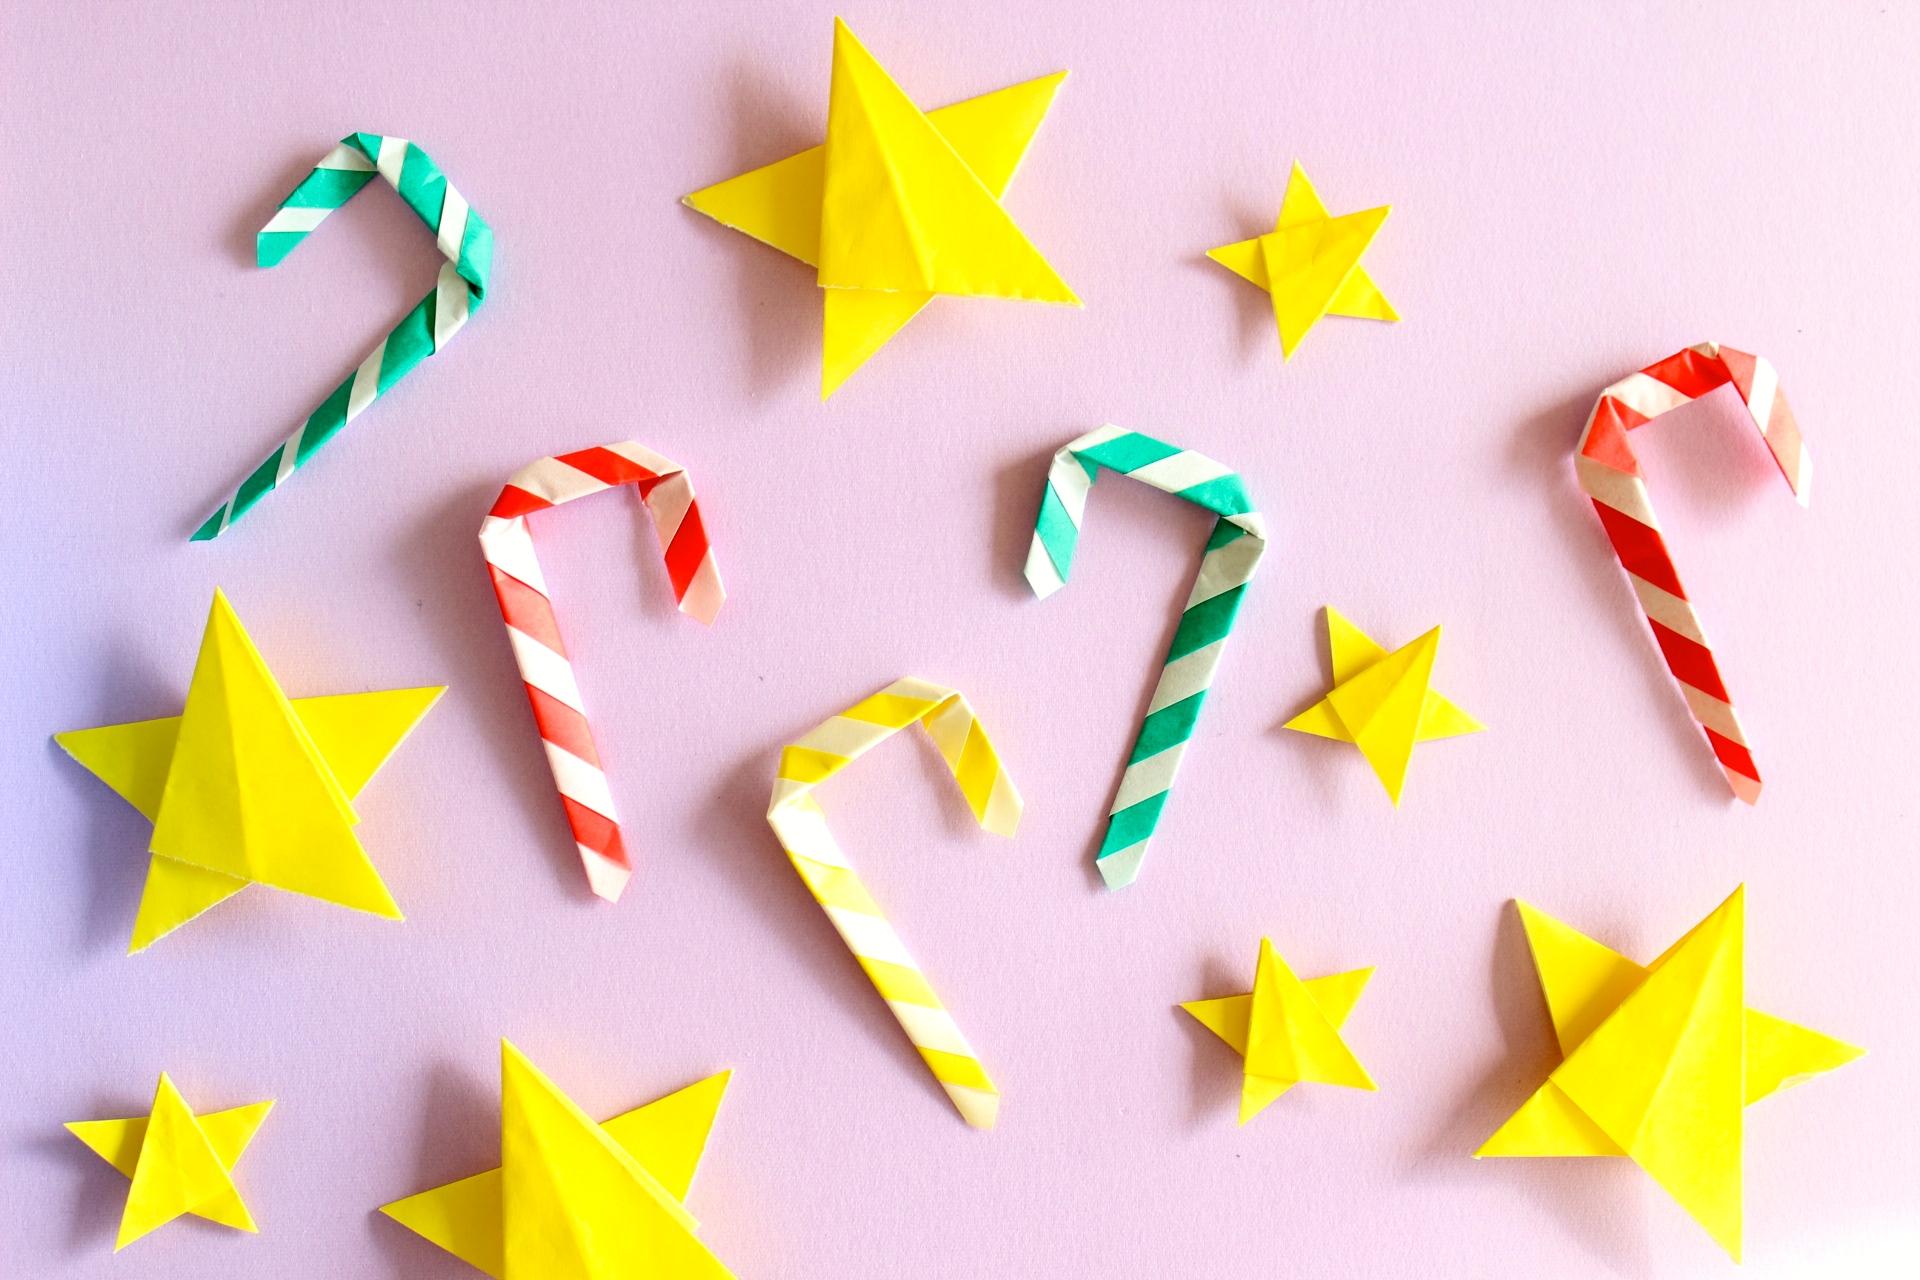 キャンディースティックの折り方